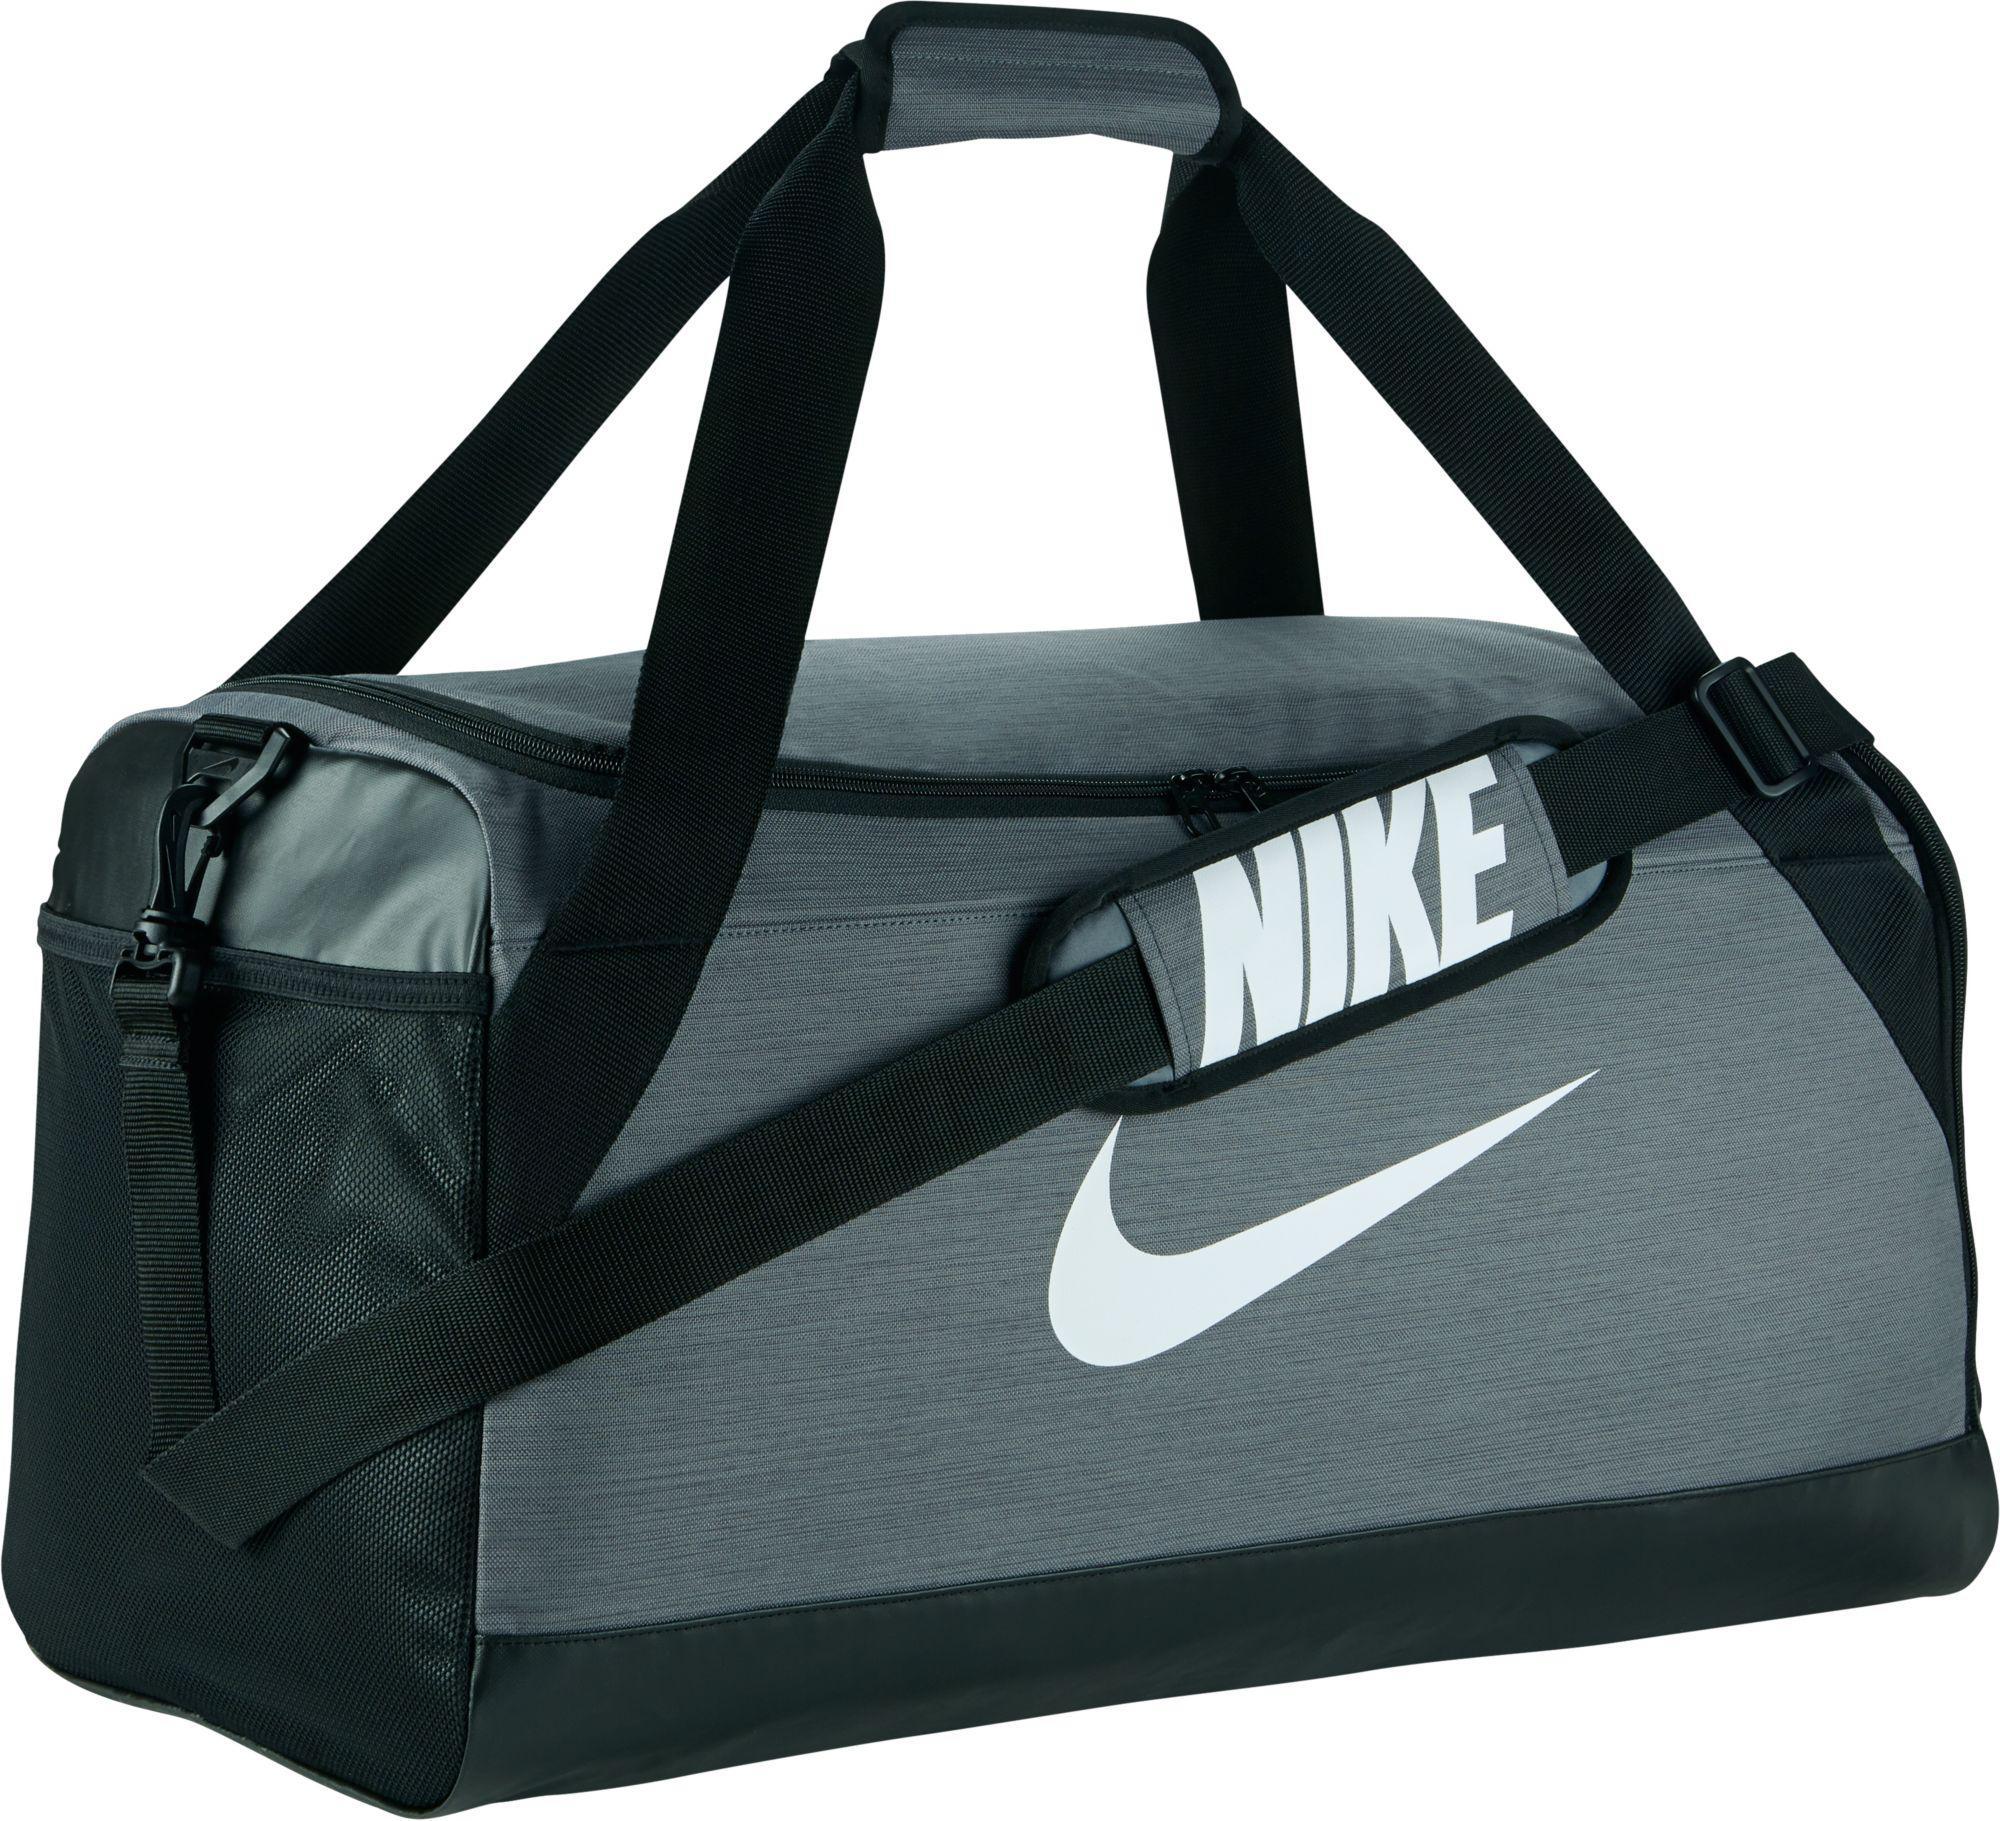 43cf672b6210 Lyst - Nike Men s Training Duffel Bag in Gray for Men - Save 17.5%